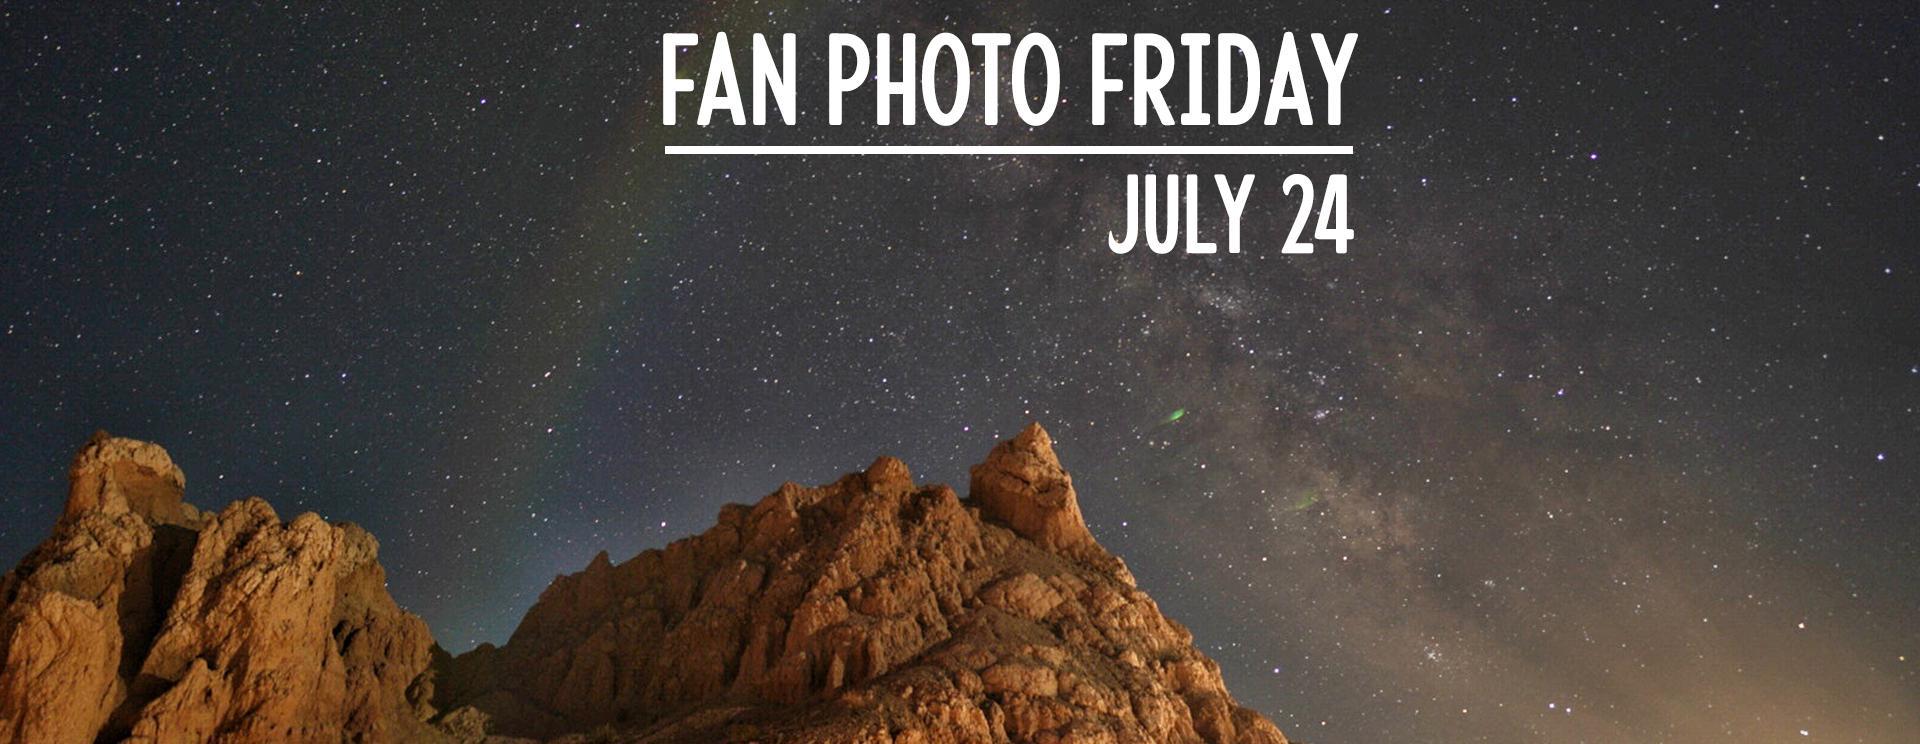 Fan Photo Friday | July 24, 2020